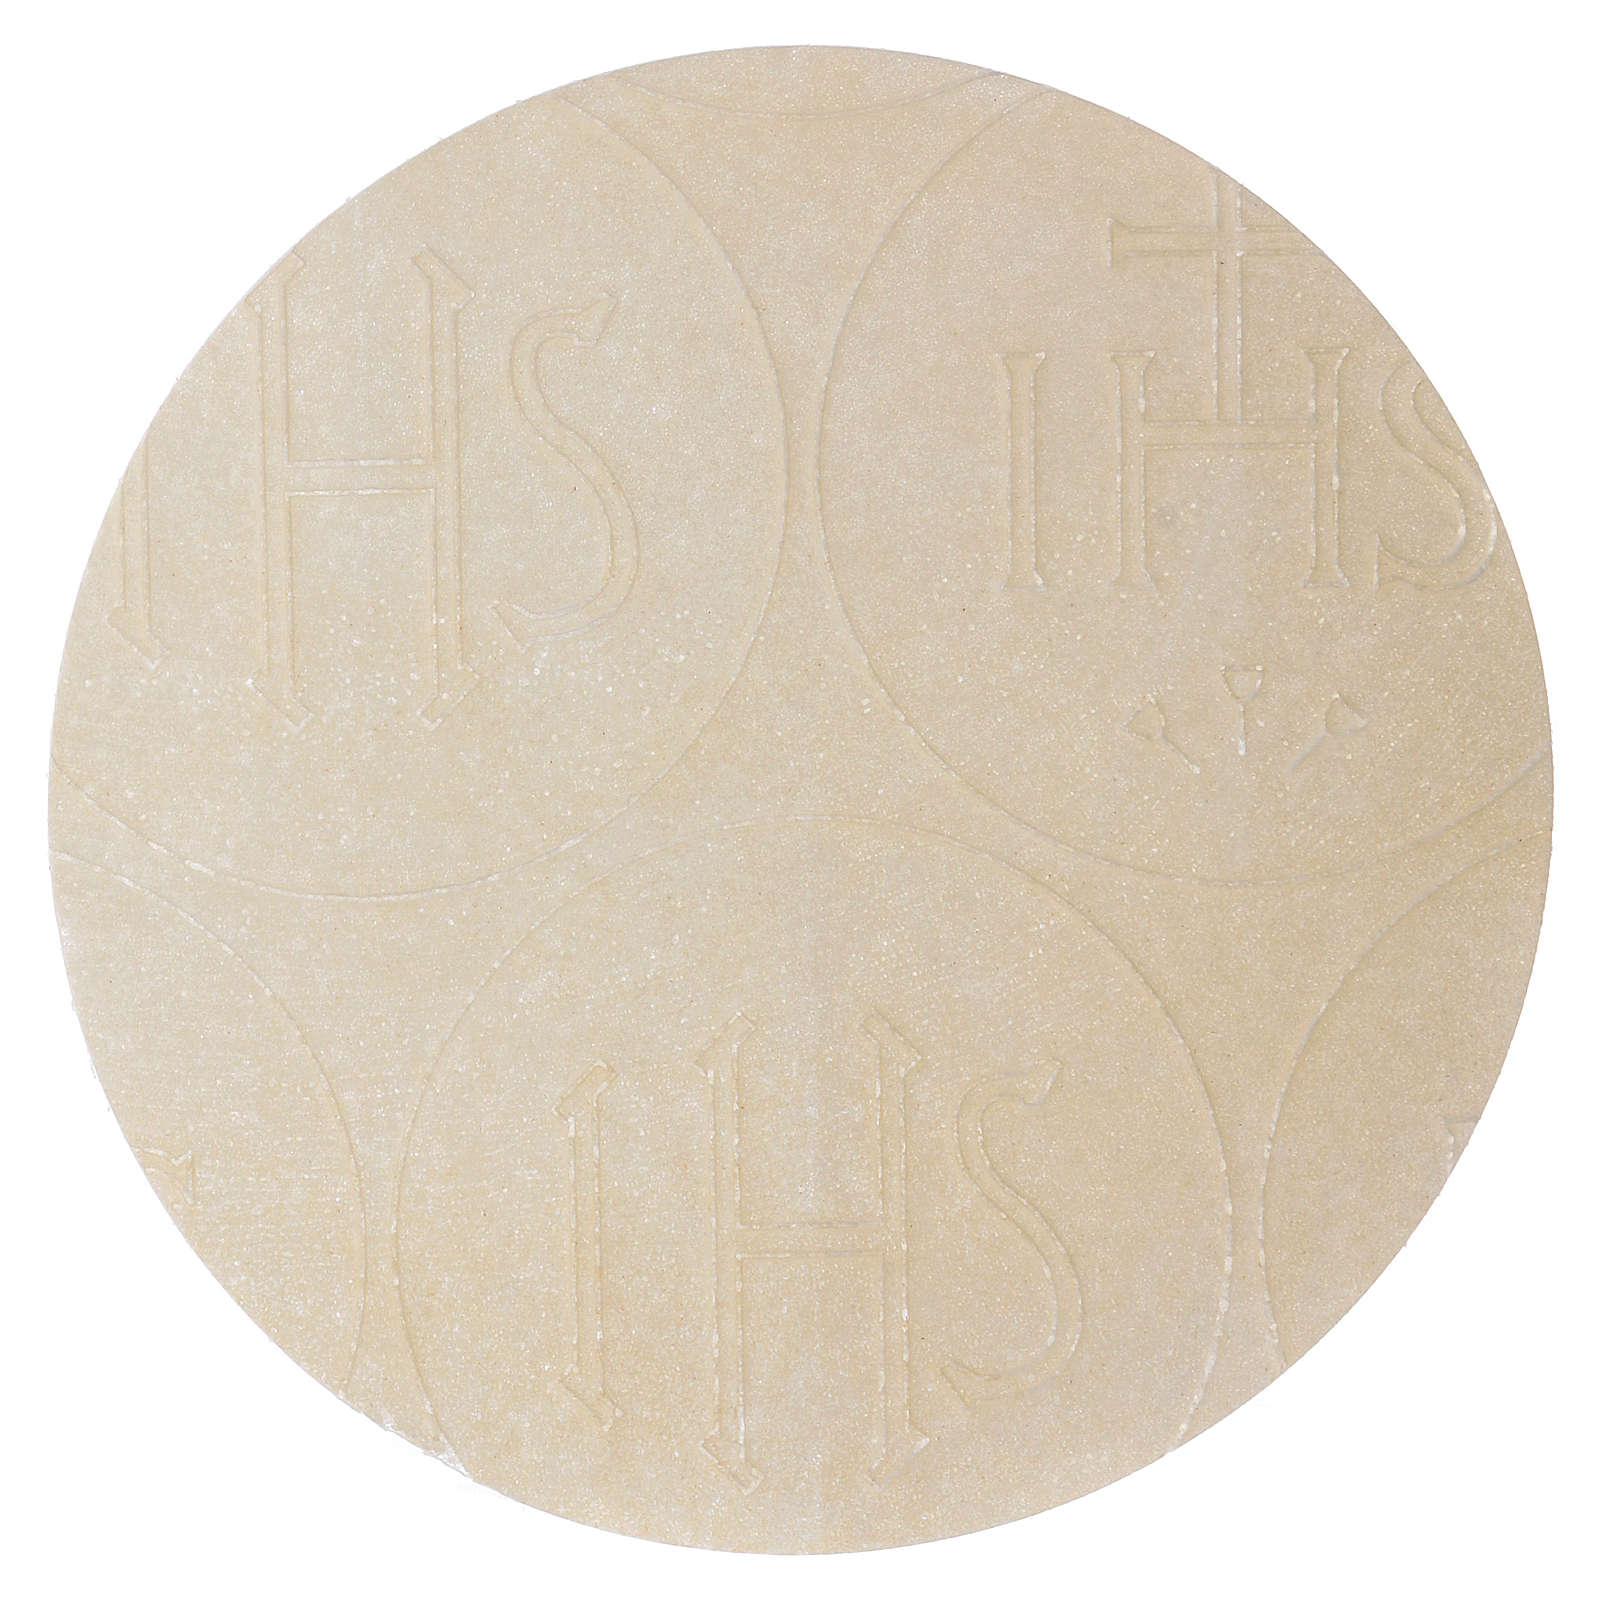 Hostie pour concélébration, 15 cm, 5 pièces 3